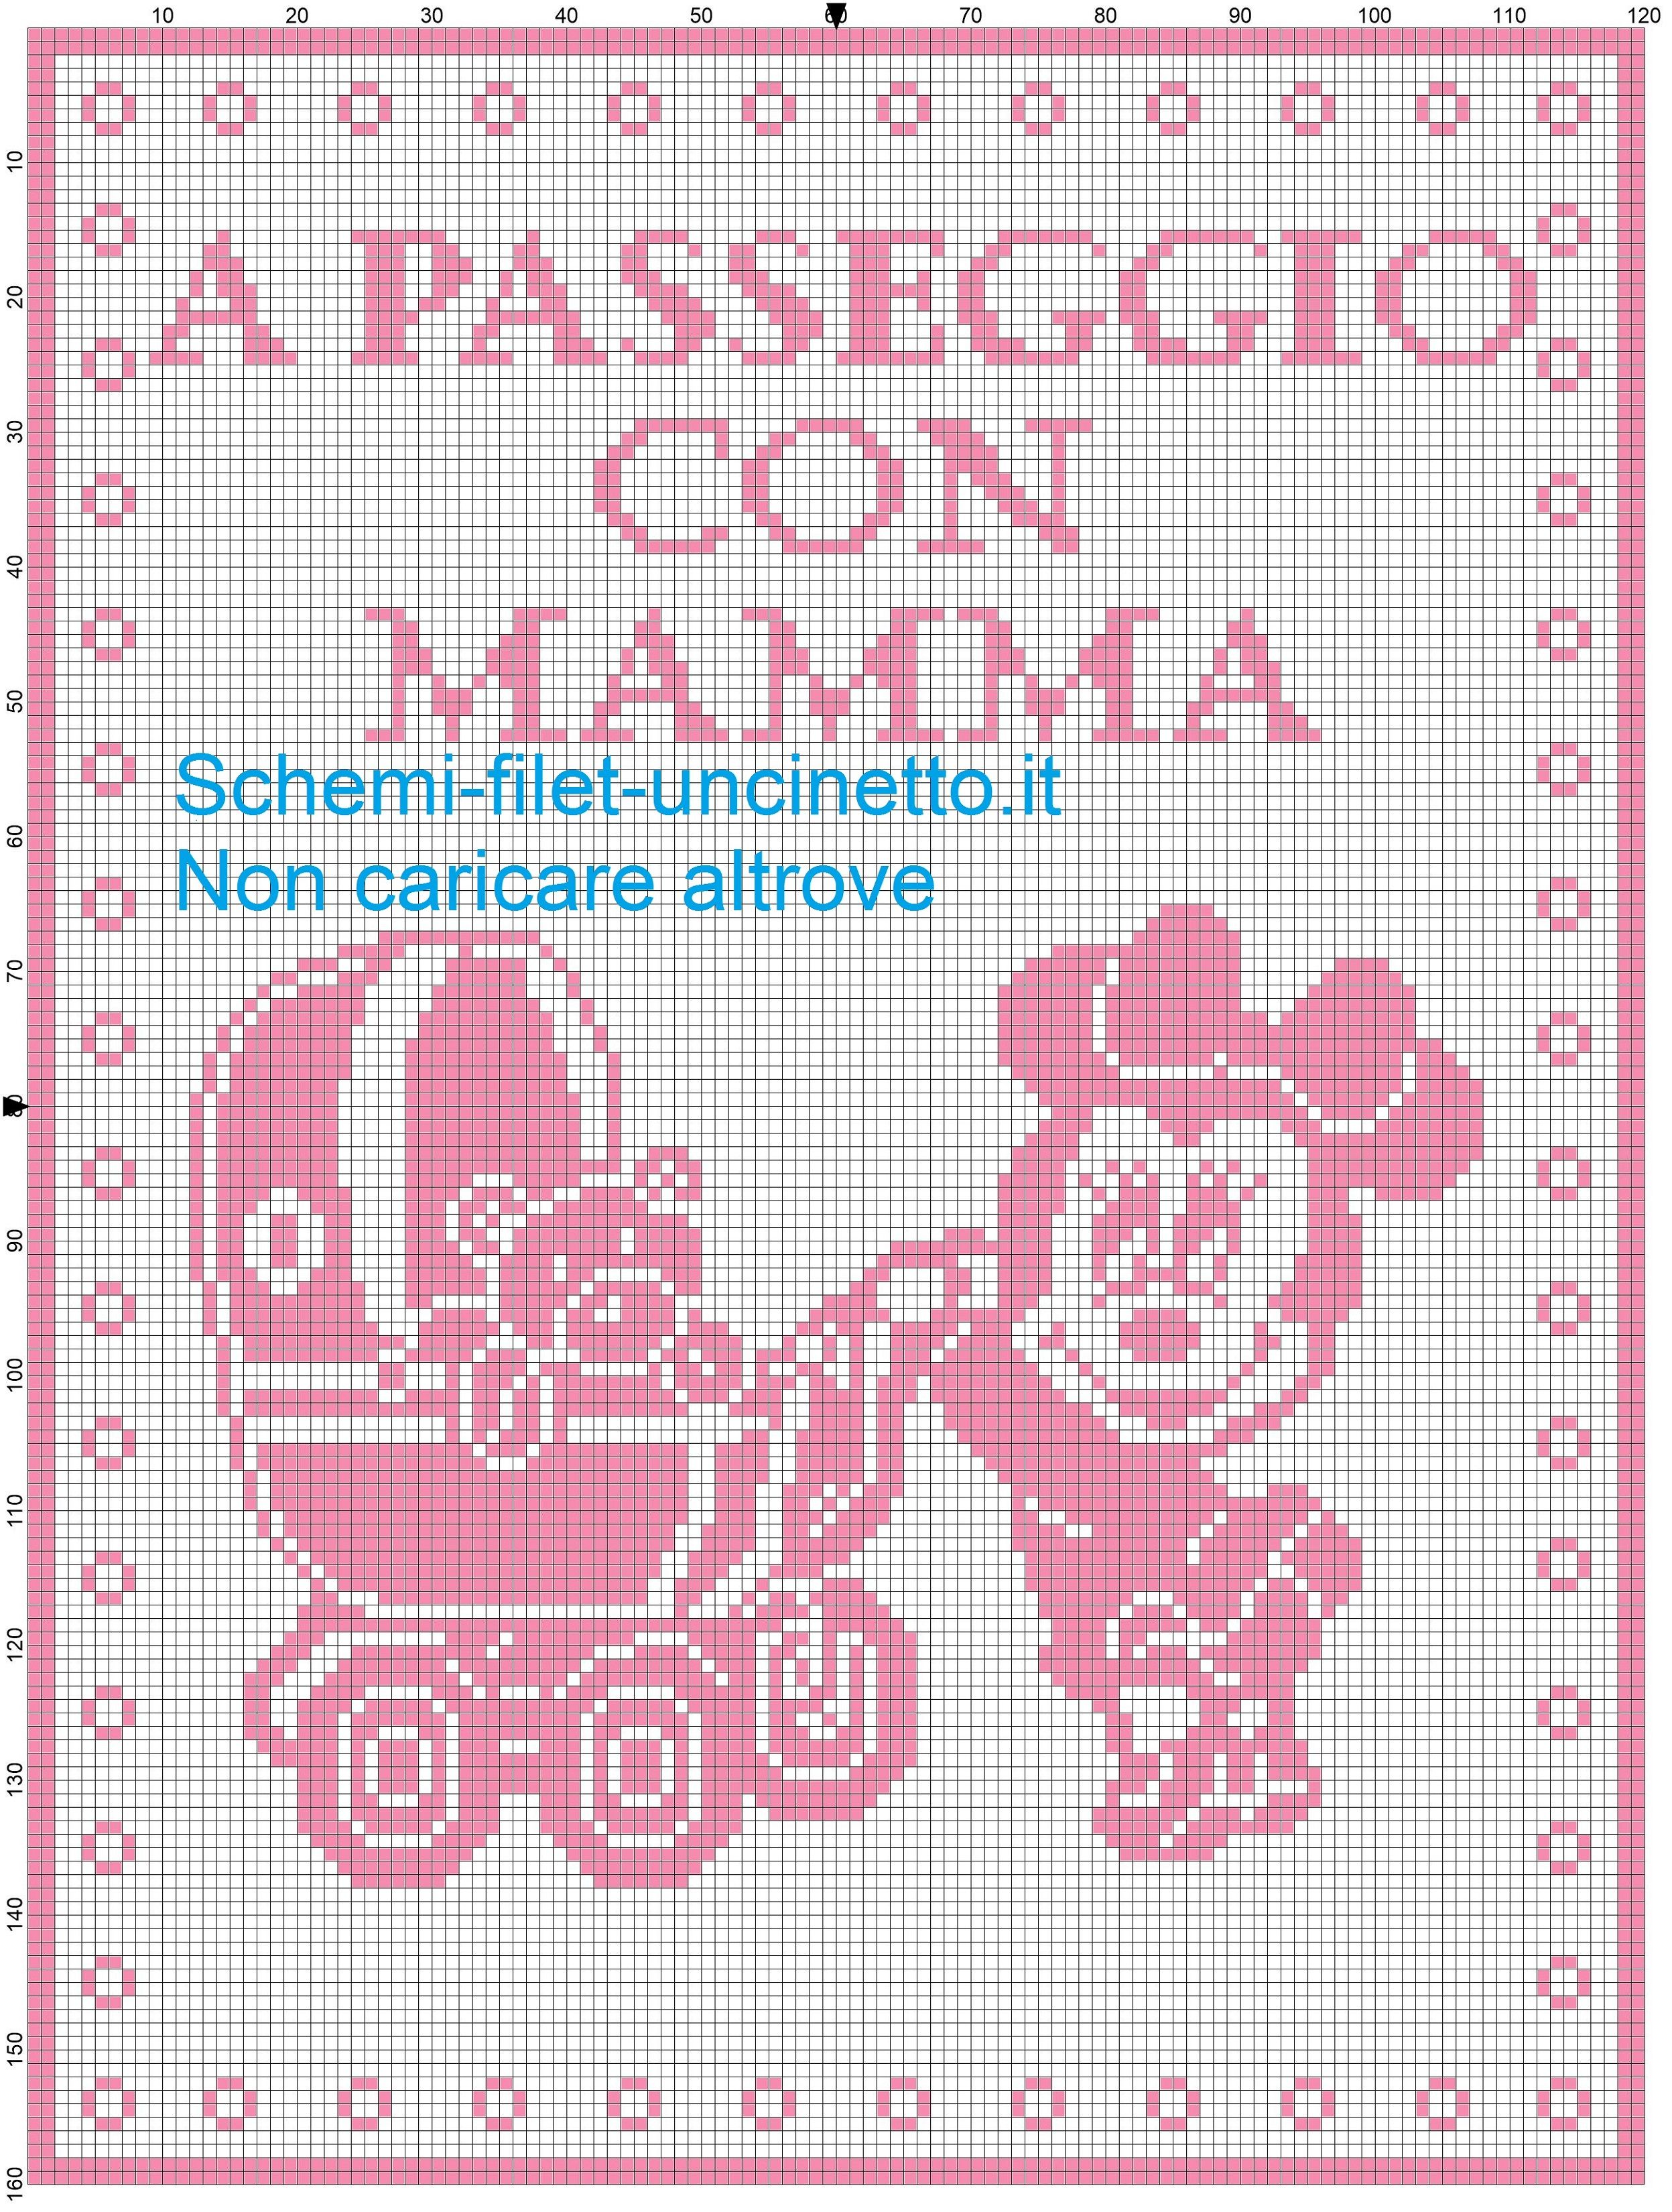 copertina filet Minnie com carrozzina a passeggio con mamma schema ...